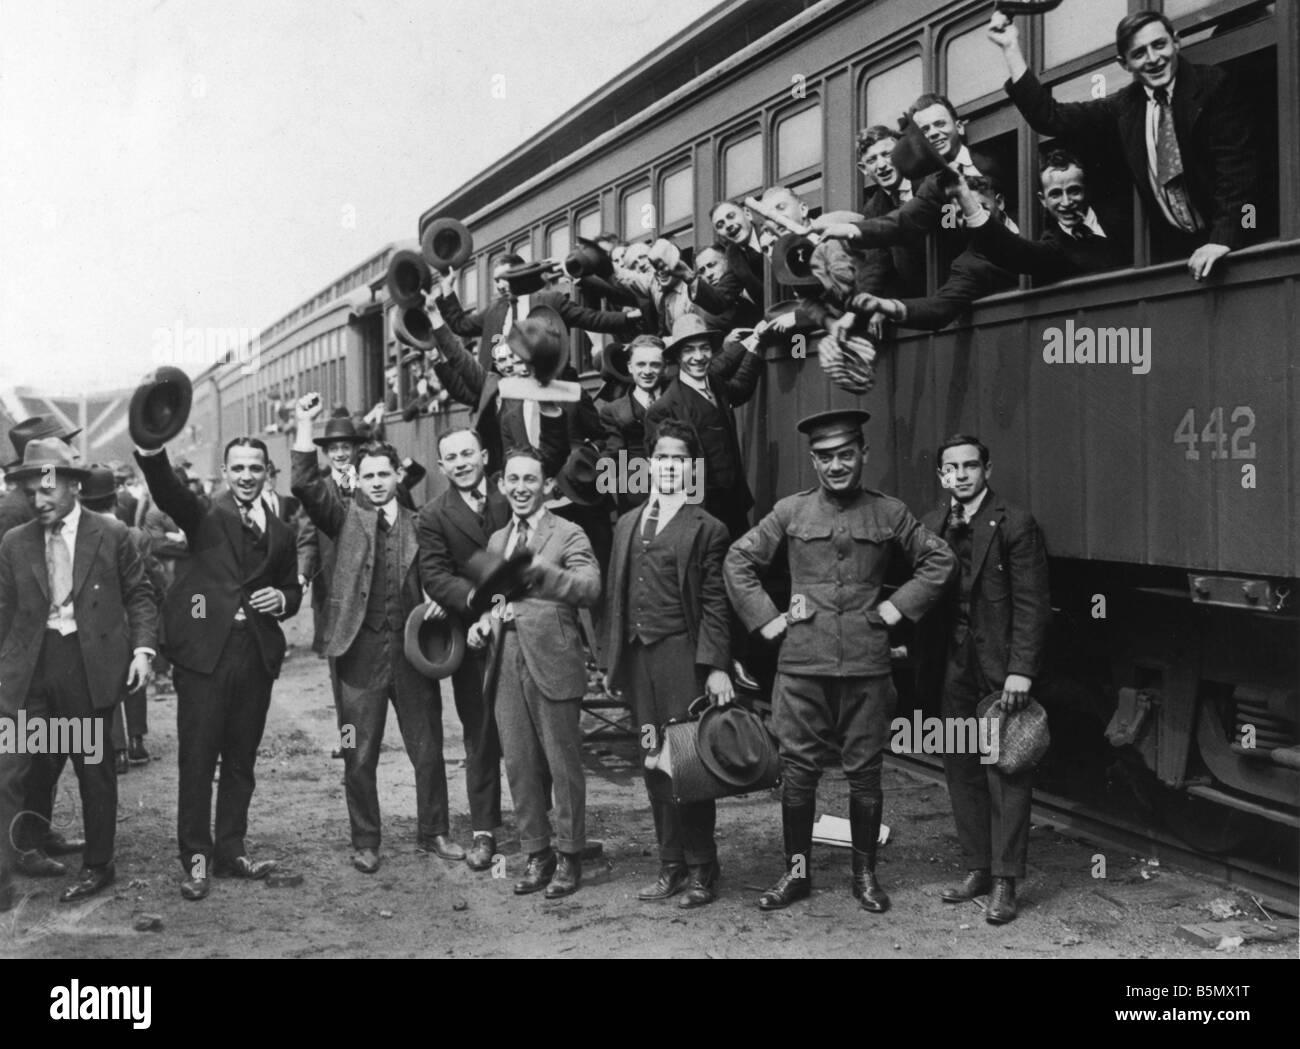 9US 1917 9 19 A1 1917 entrada la guerra llamada de foto de Guerra Mundial 1 entrada de guerra por los Estados Unidos Imagen De Stock